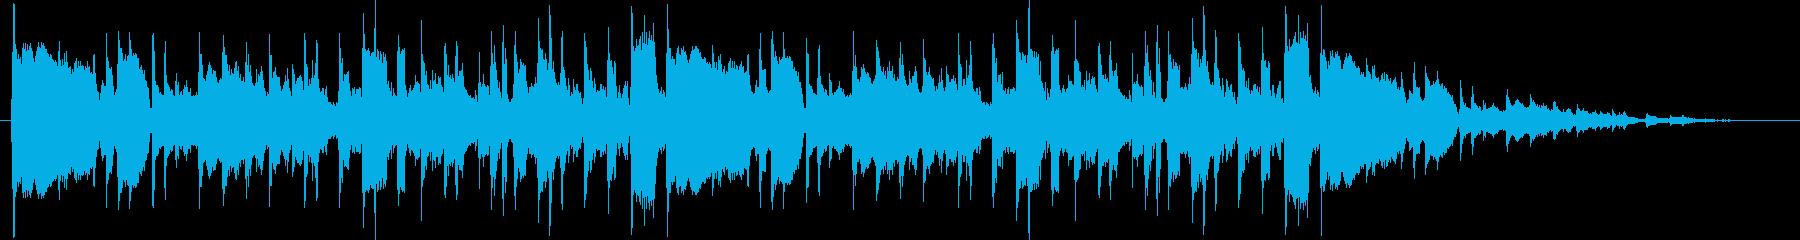 1970年代初期のプログレロックの再生済みの波形